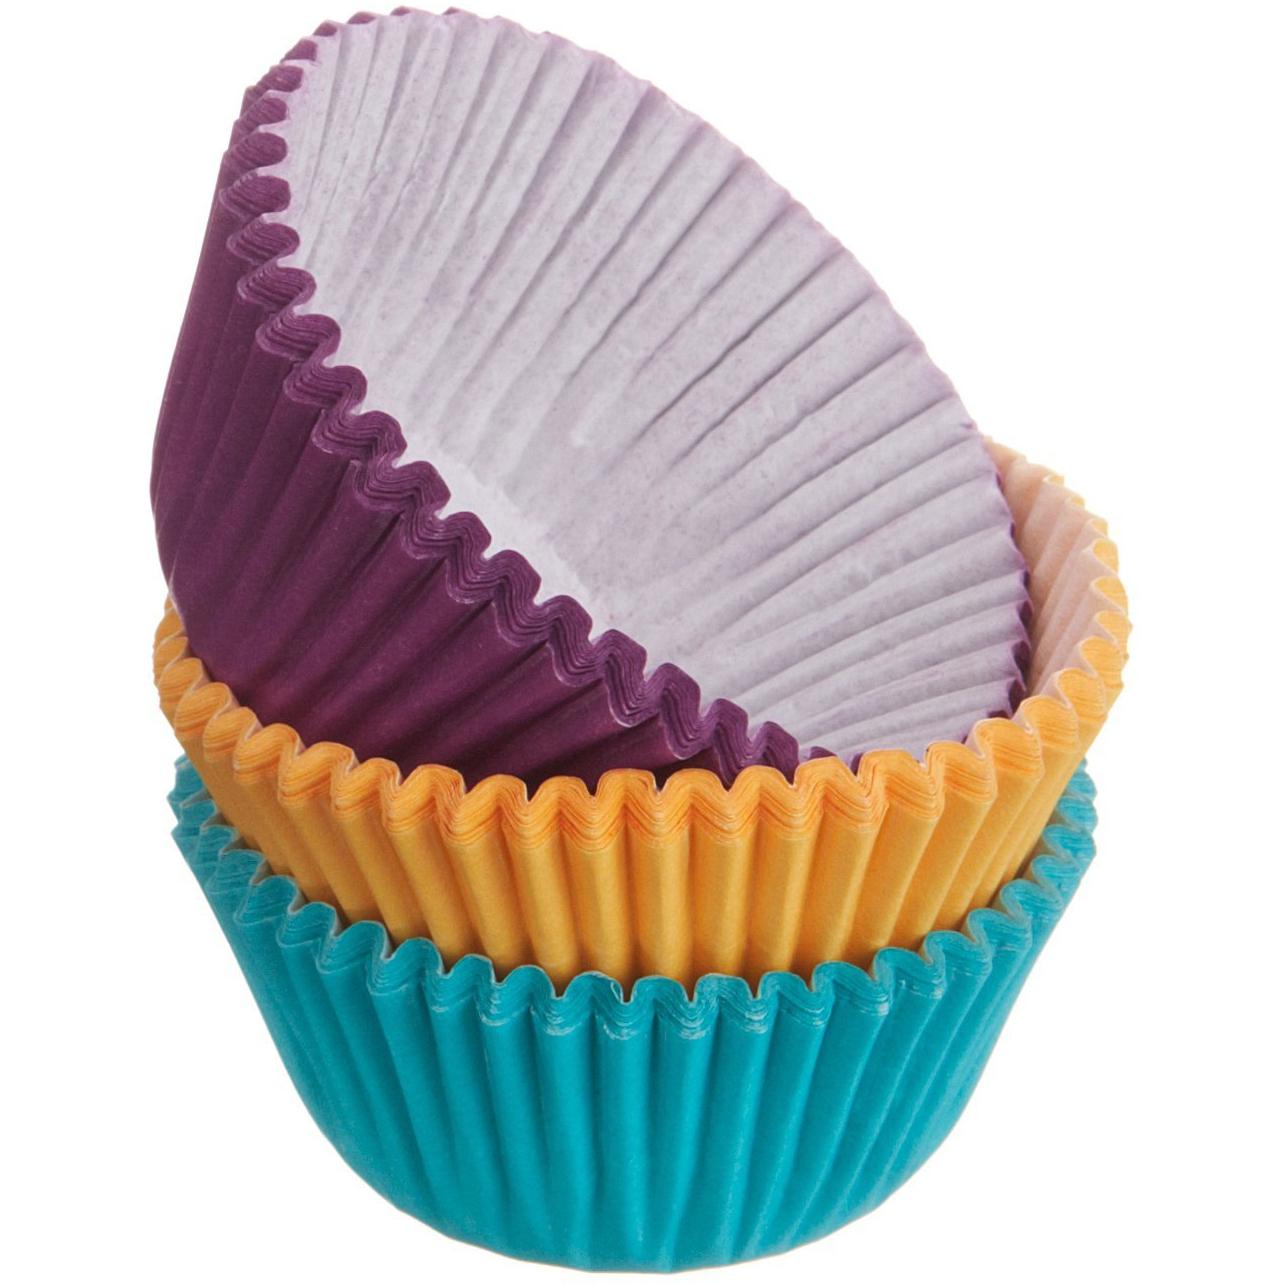 Wilton Jewel Toned Mini Cupcake Baking Cup, 100 Count